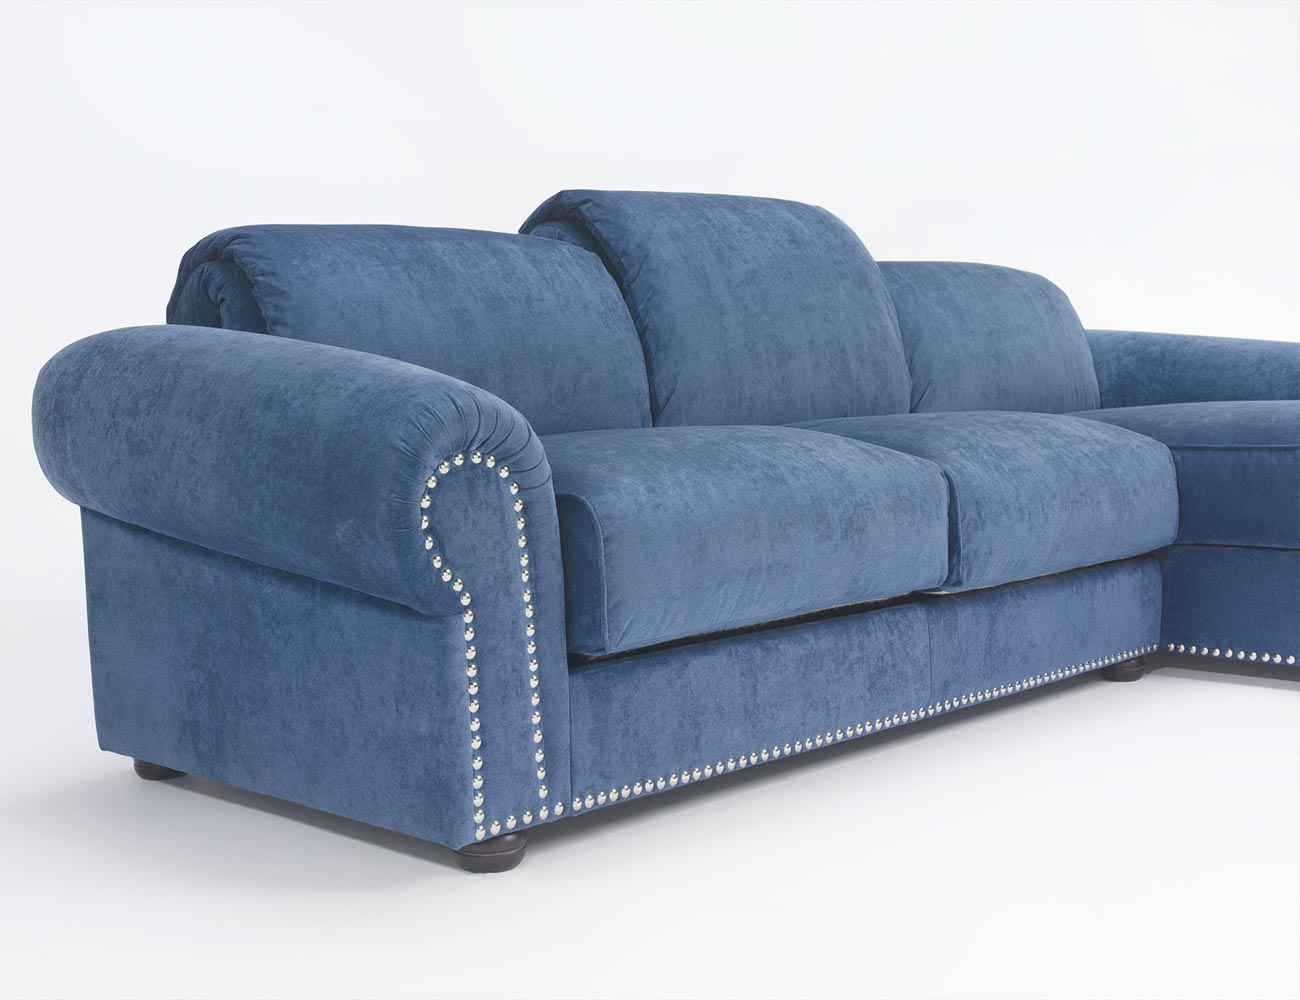 Sofa chaiselongue gran lujo decorativo azul 146